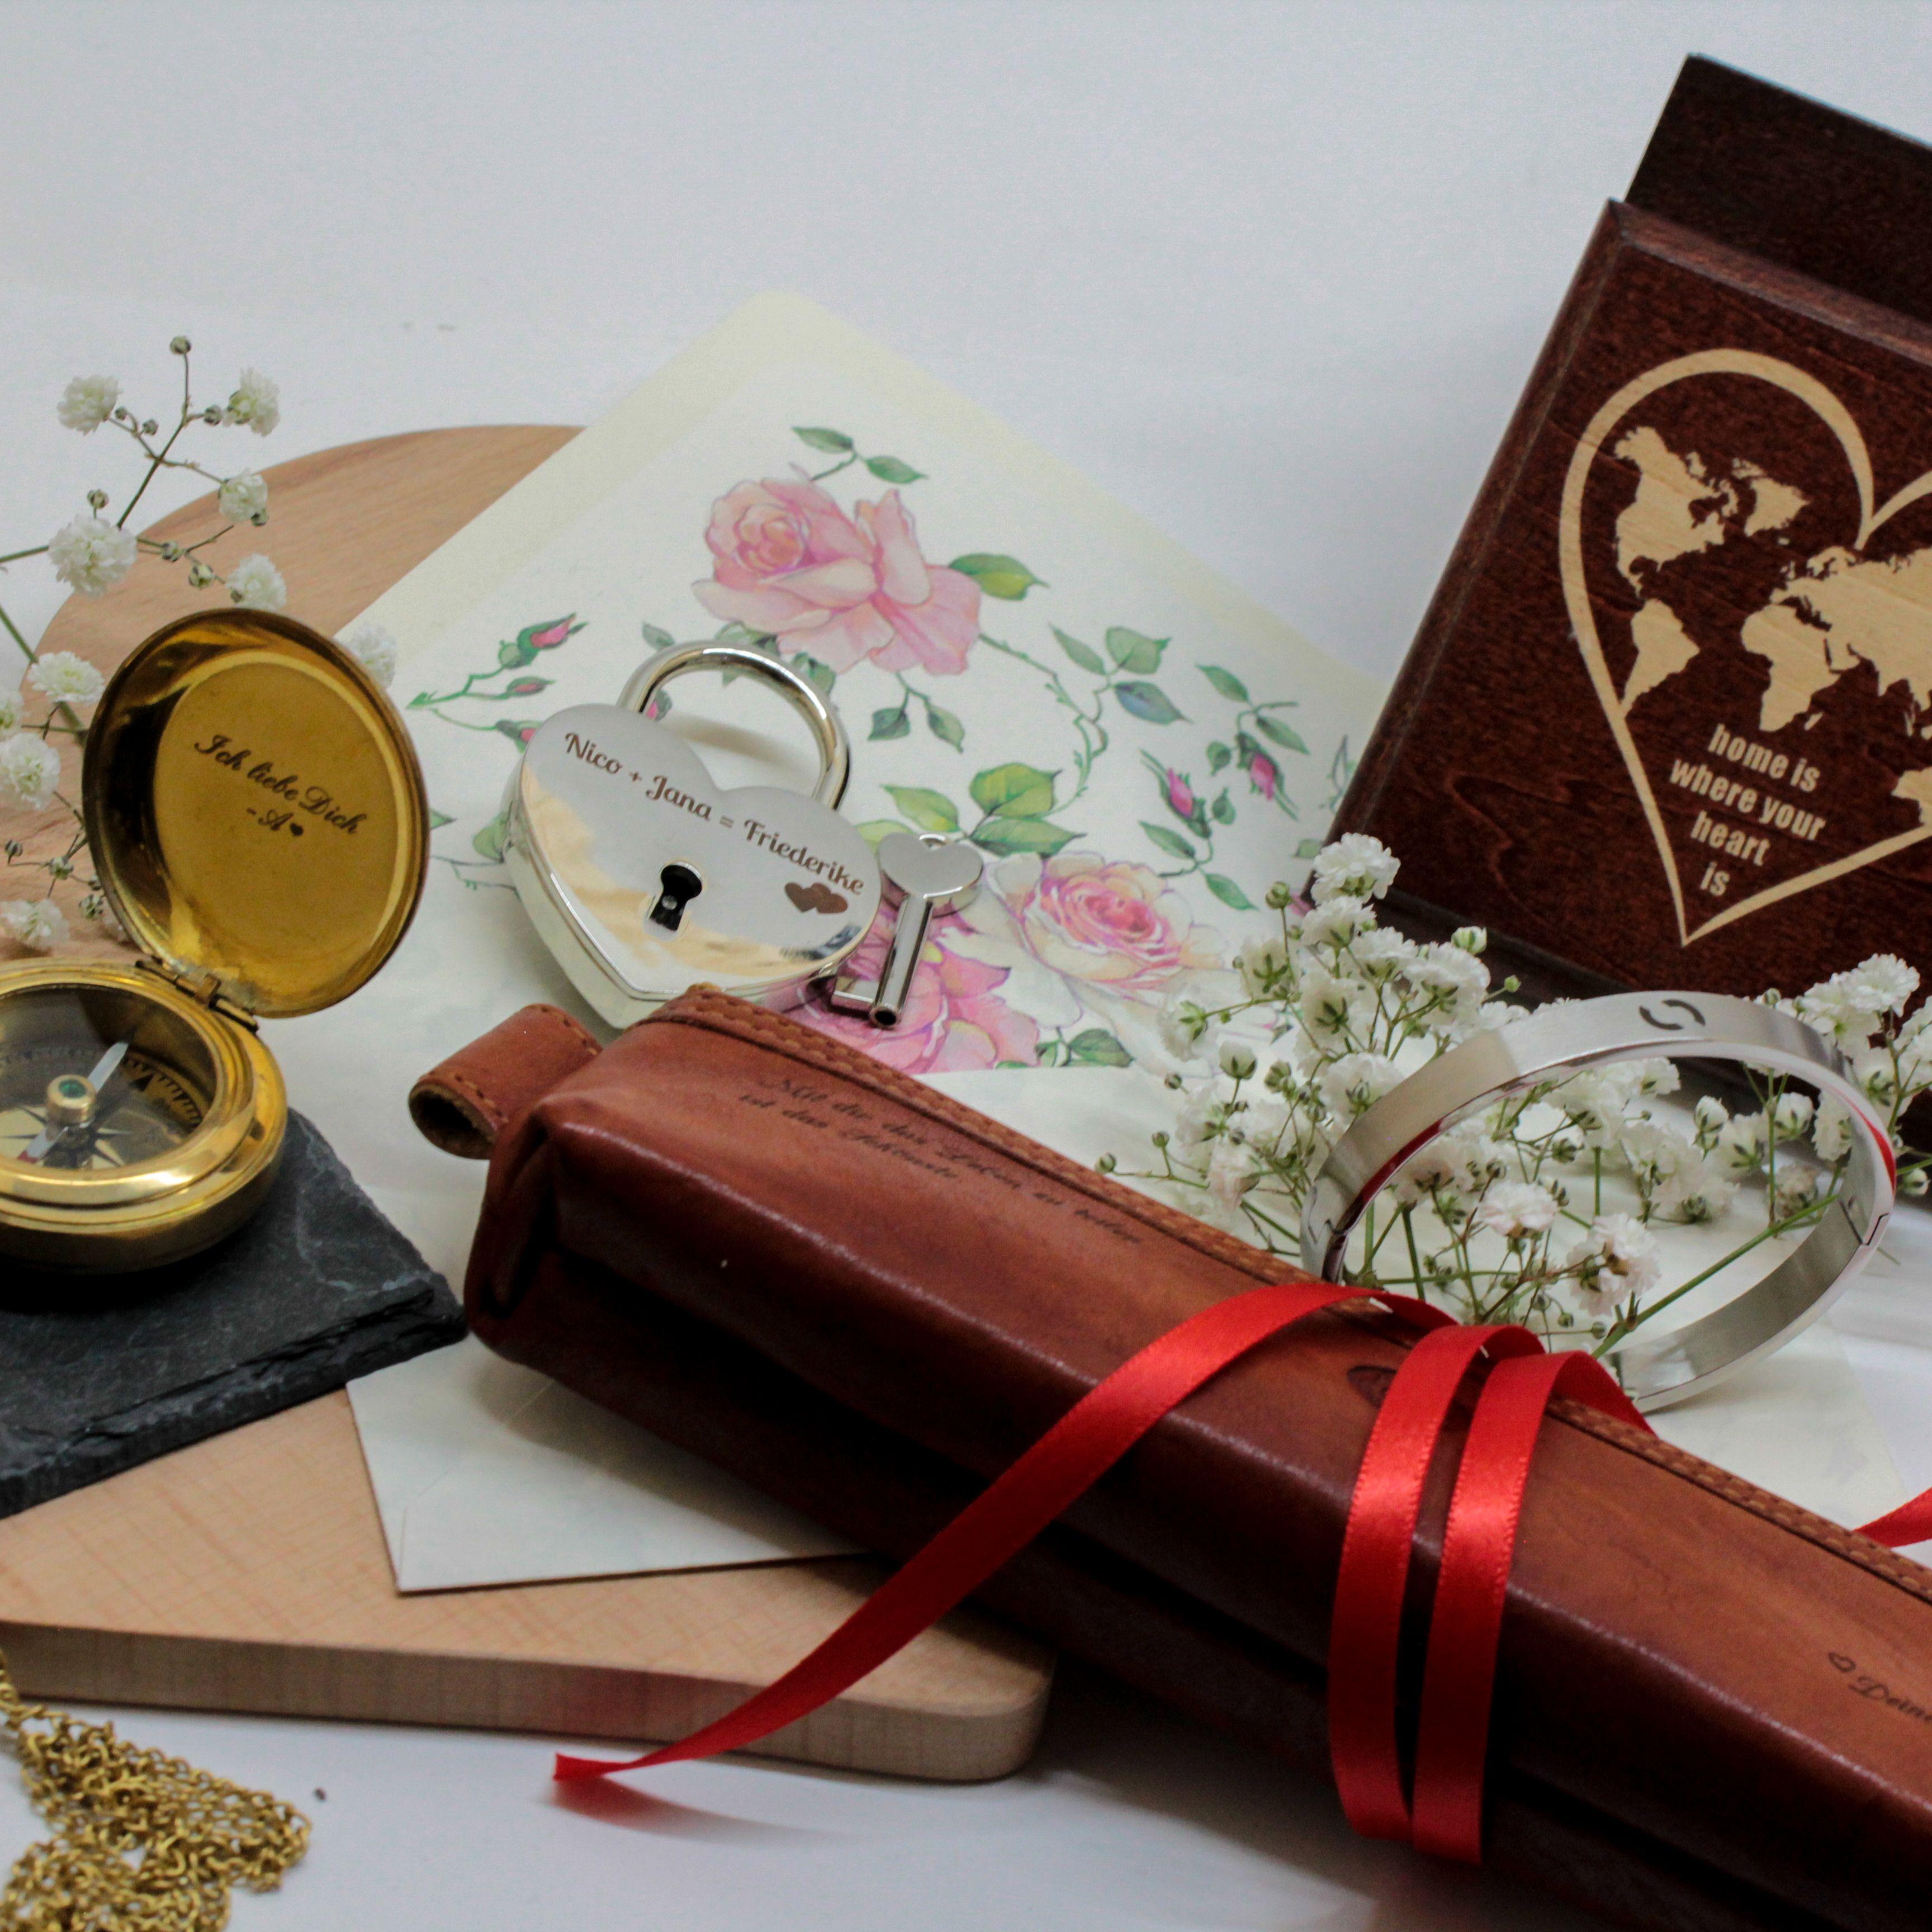 Einzigartige Geschenkideen zum Valentinstag Verliebte auf der Suche nach einer ganz persönlichen Geschenkidee für den